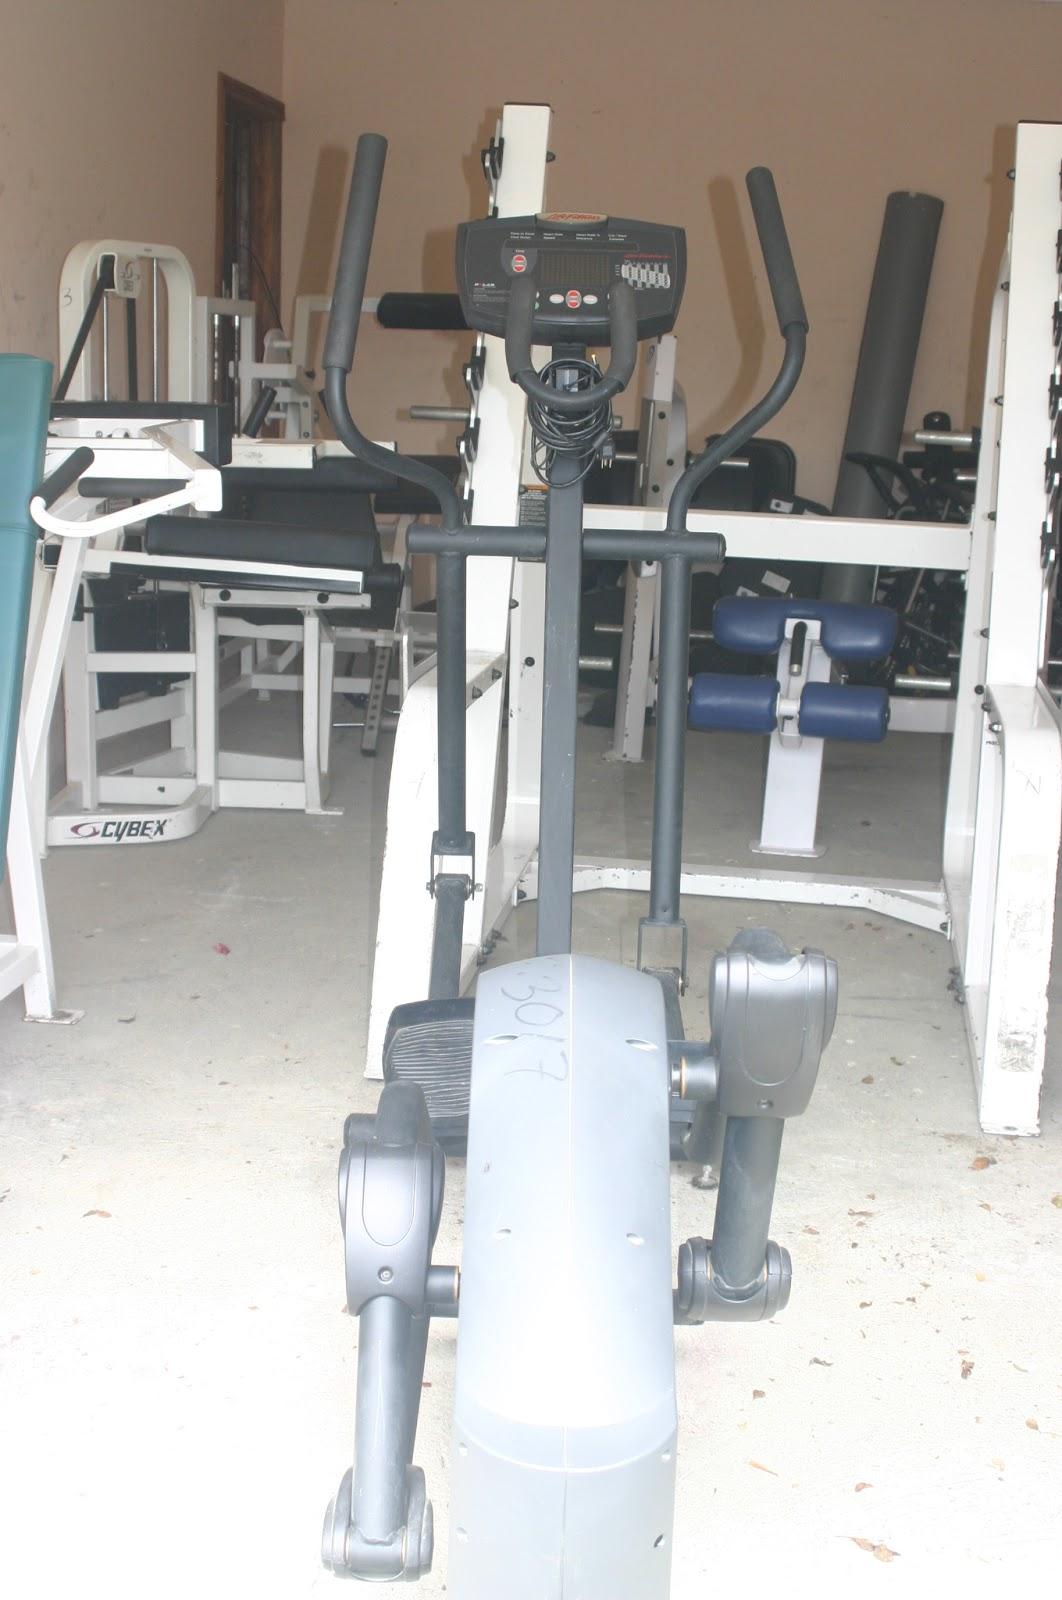 Venta de equipos usados profesionales de gimnasio - Equipamiento de gimnasios ...